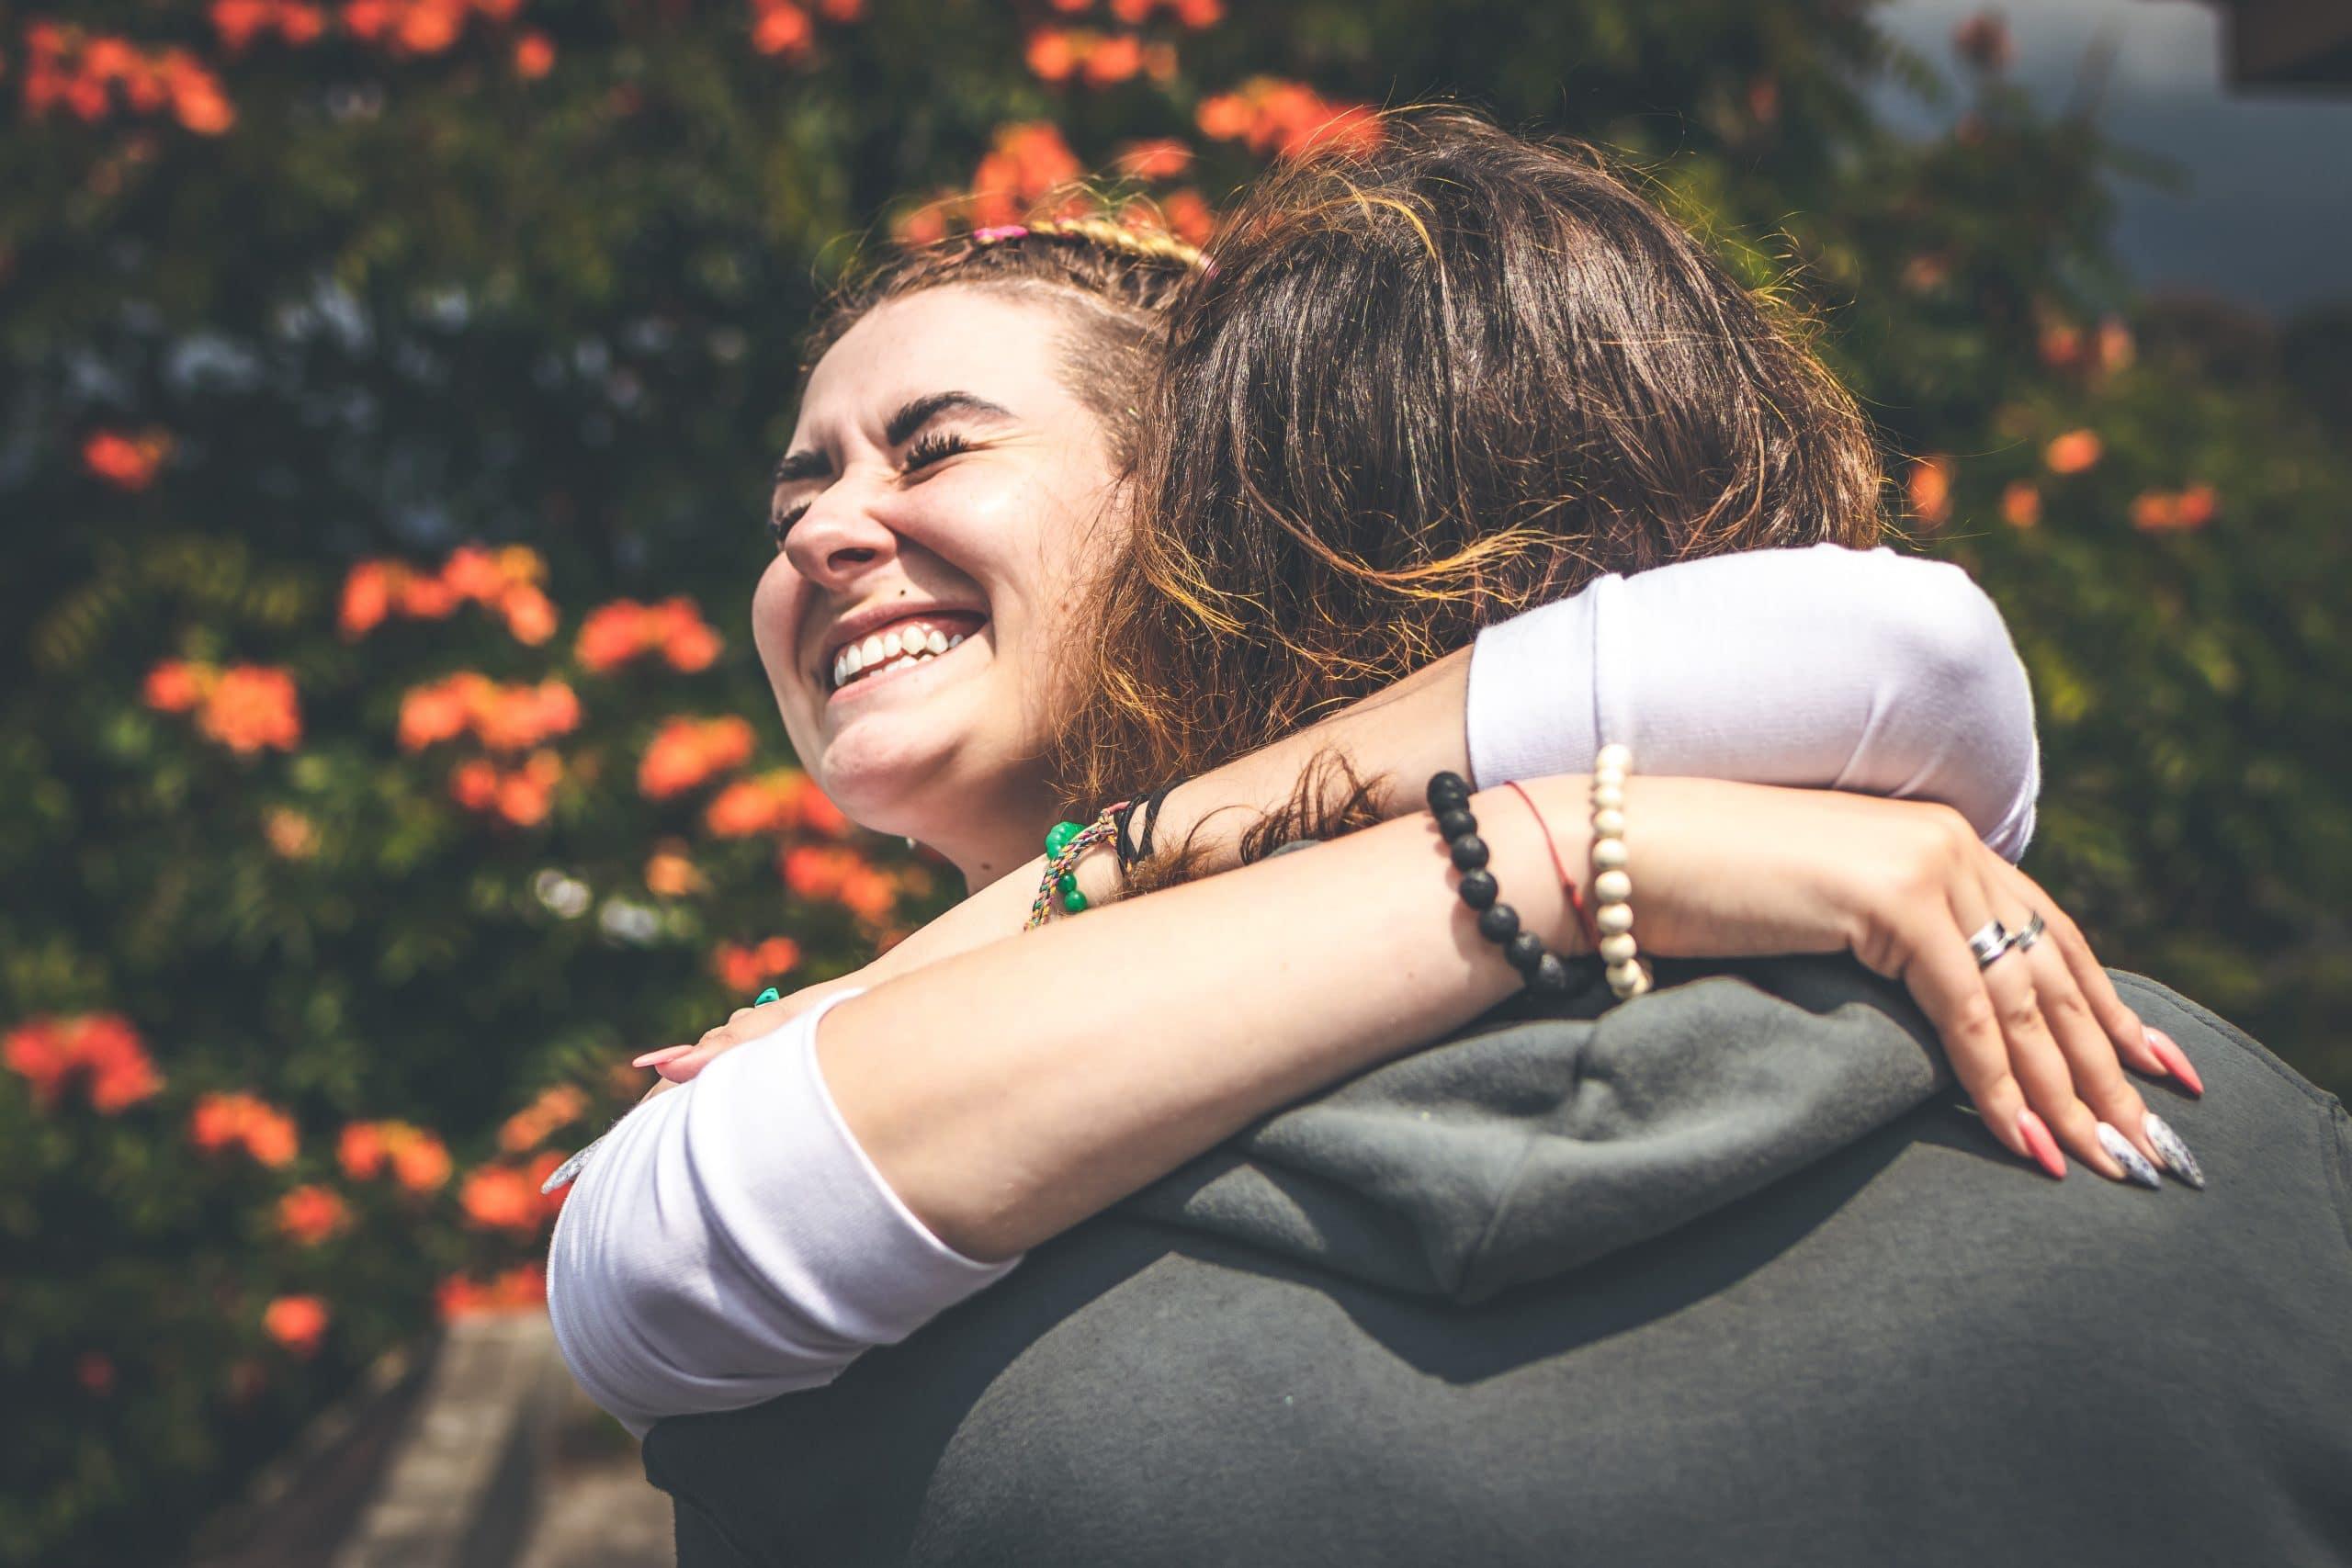 Garota sorrindo abraçando outra